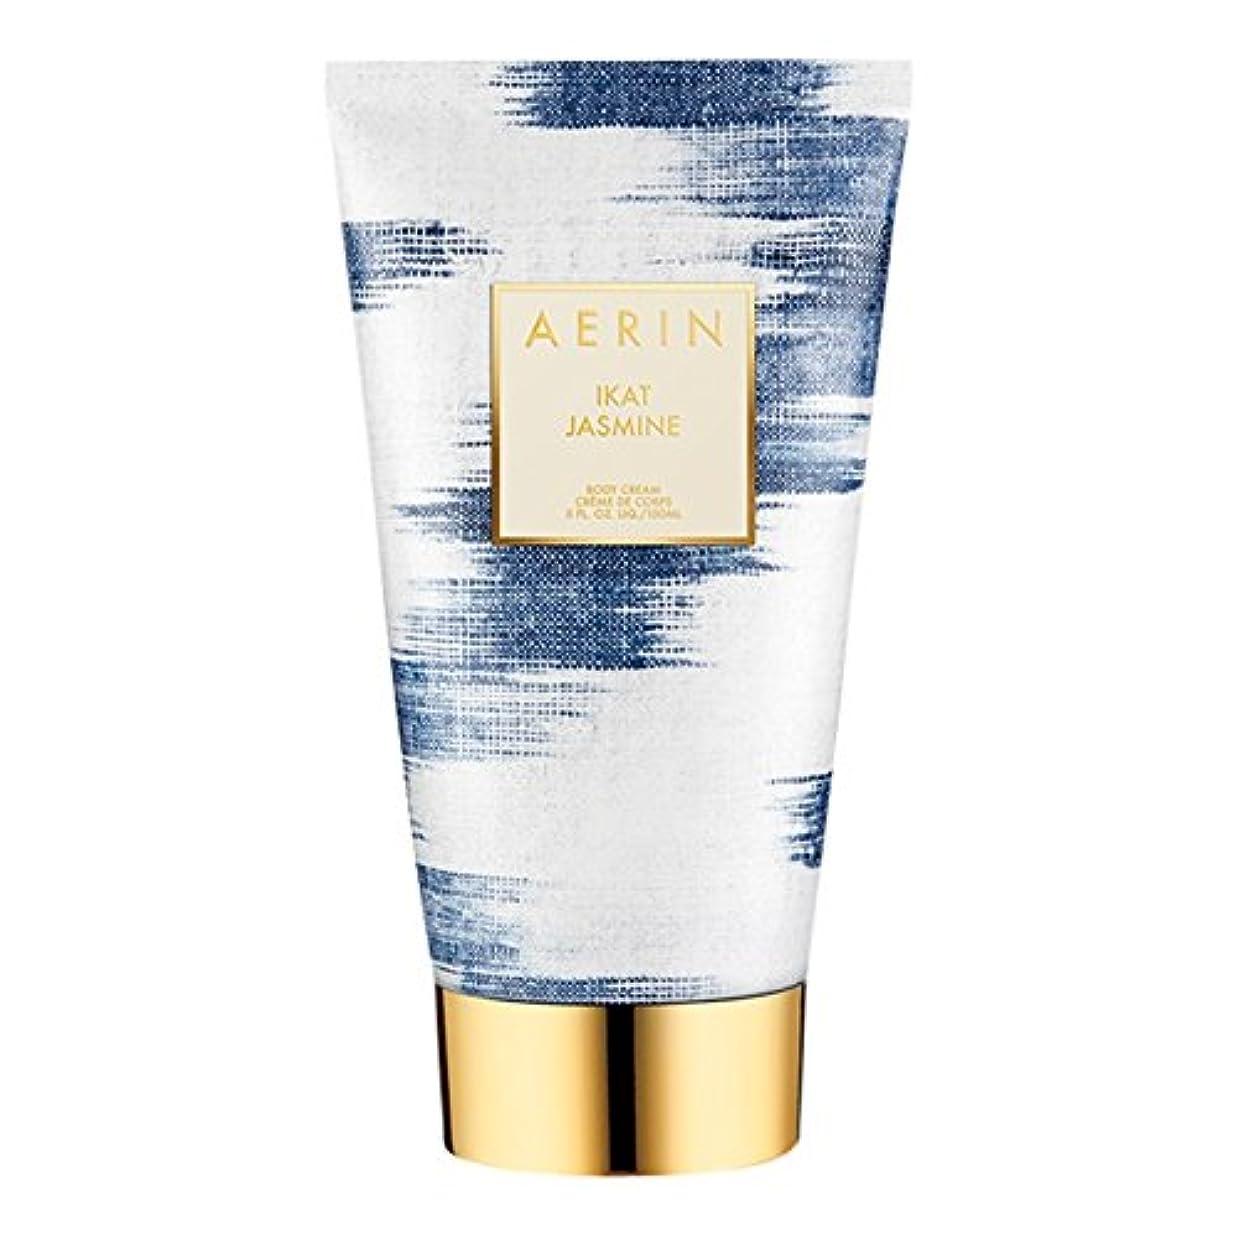 懐疑論知人財団Aerinイカットジャスミンボディクリーム150ミリリットル (AERIN) (x2) - AERIN Ikat Jasmine Body Cream 150ml (Pack of 2) [並行輸入品]